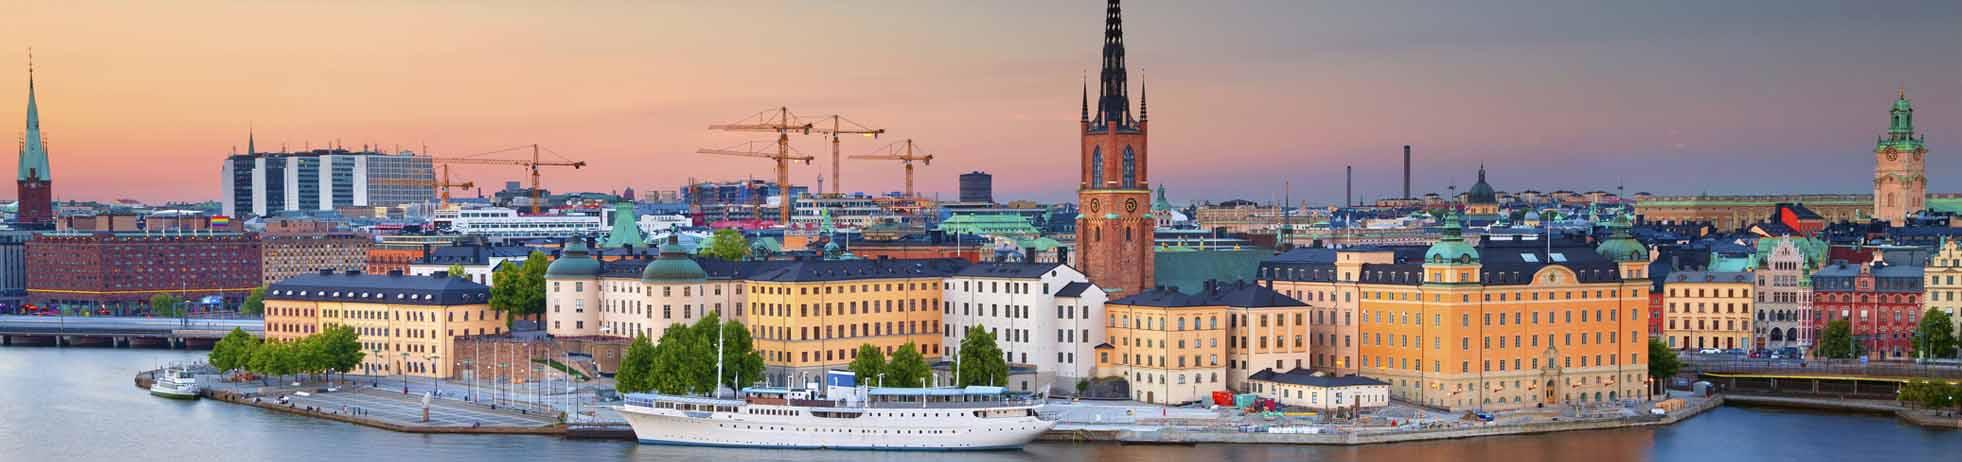 Stockholm, Sweden landscape